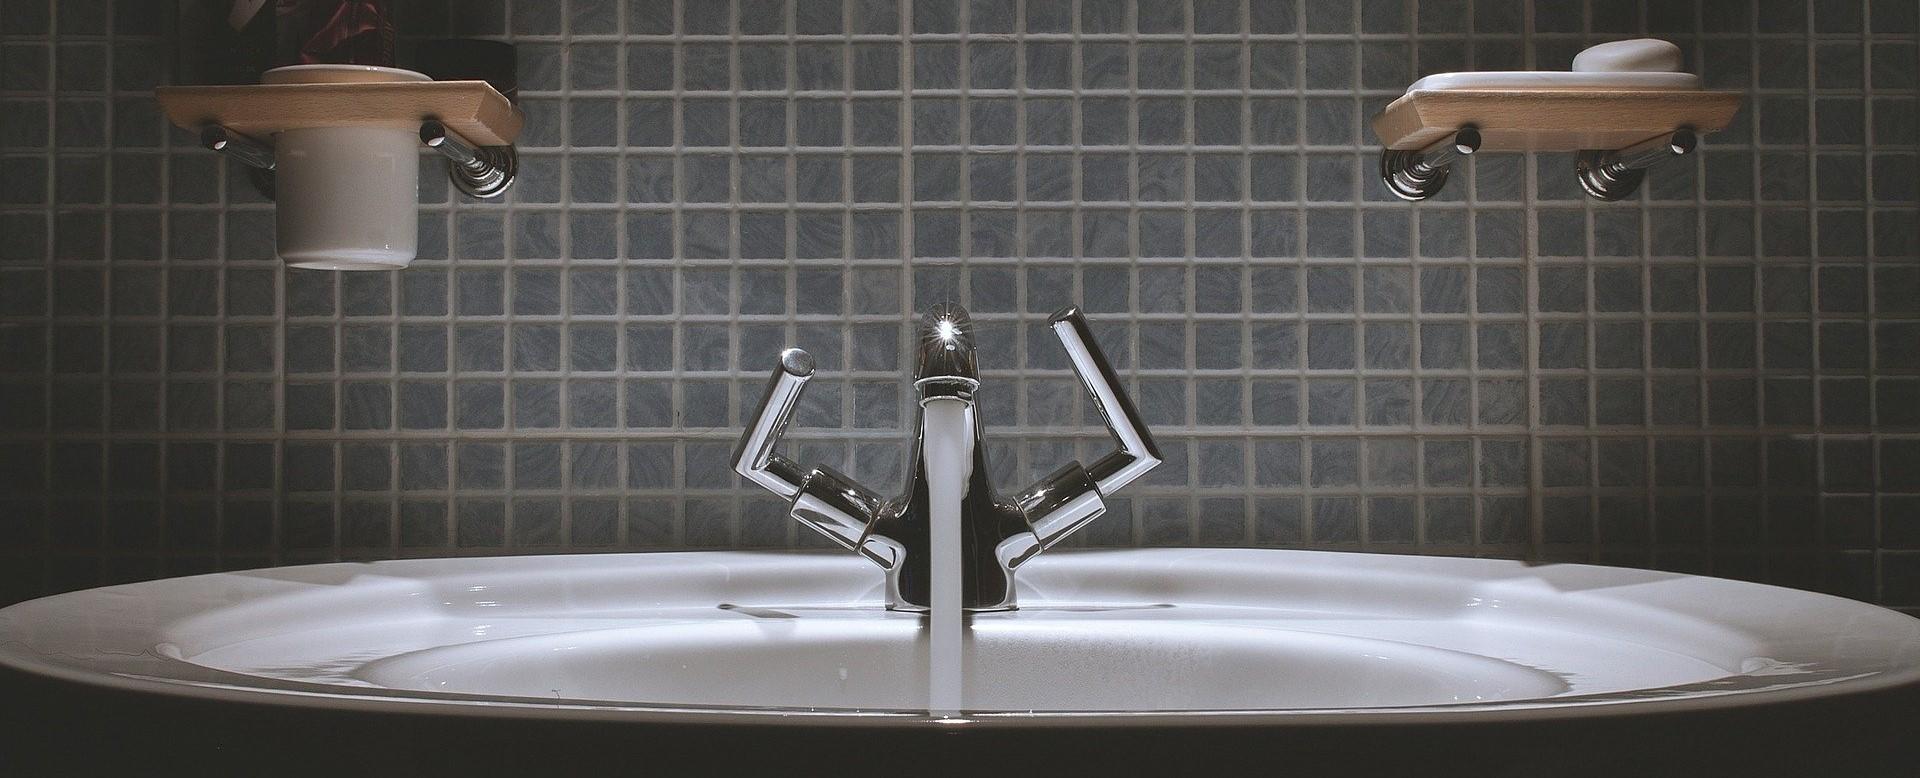 Corte de auga en Pla y Cancela     e Costa da Unión